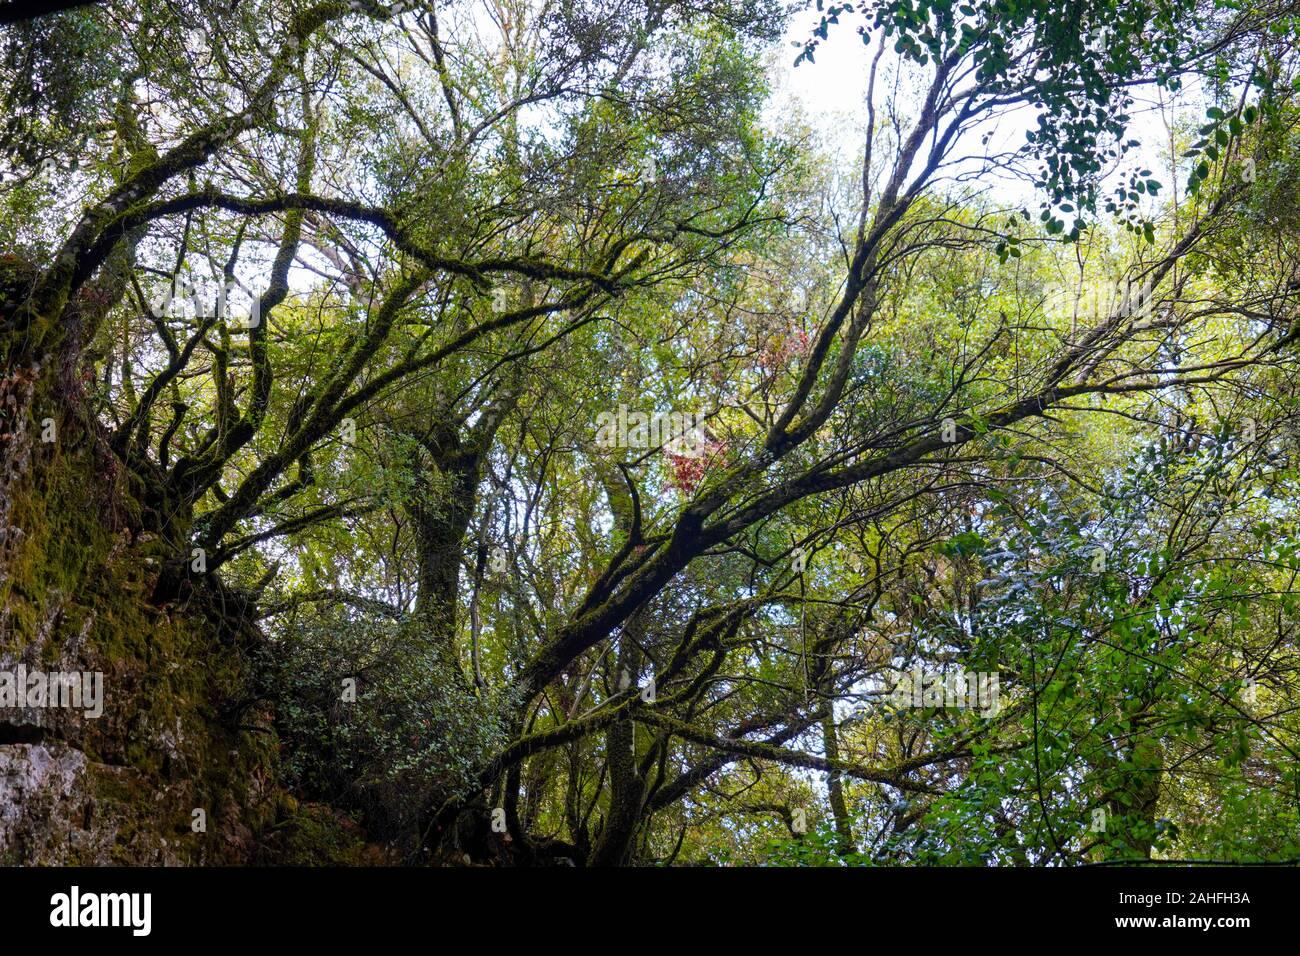 El denso bosque de la isla griega de Cefalonia, Mar Jónico, Grecia Foto de stock